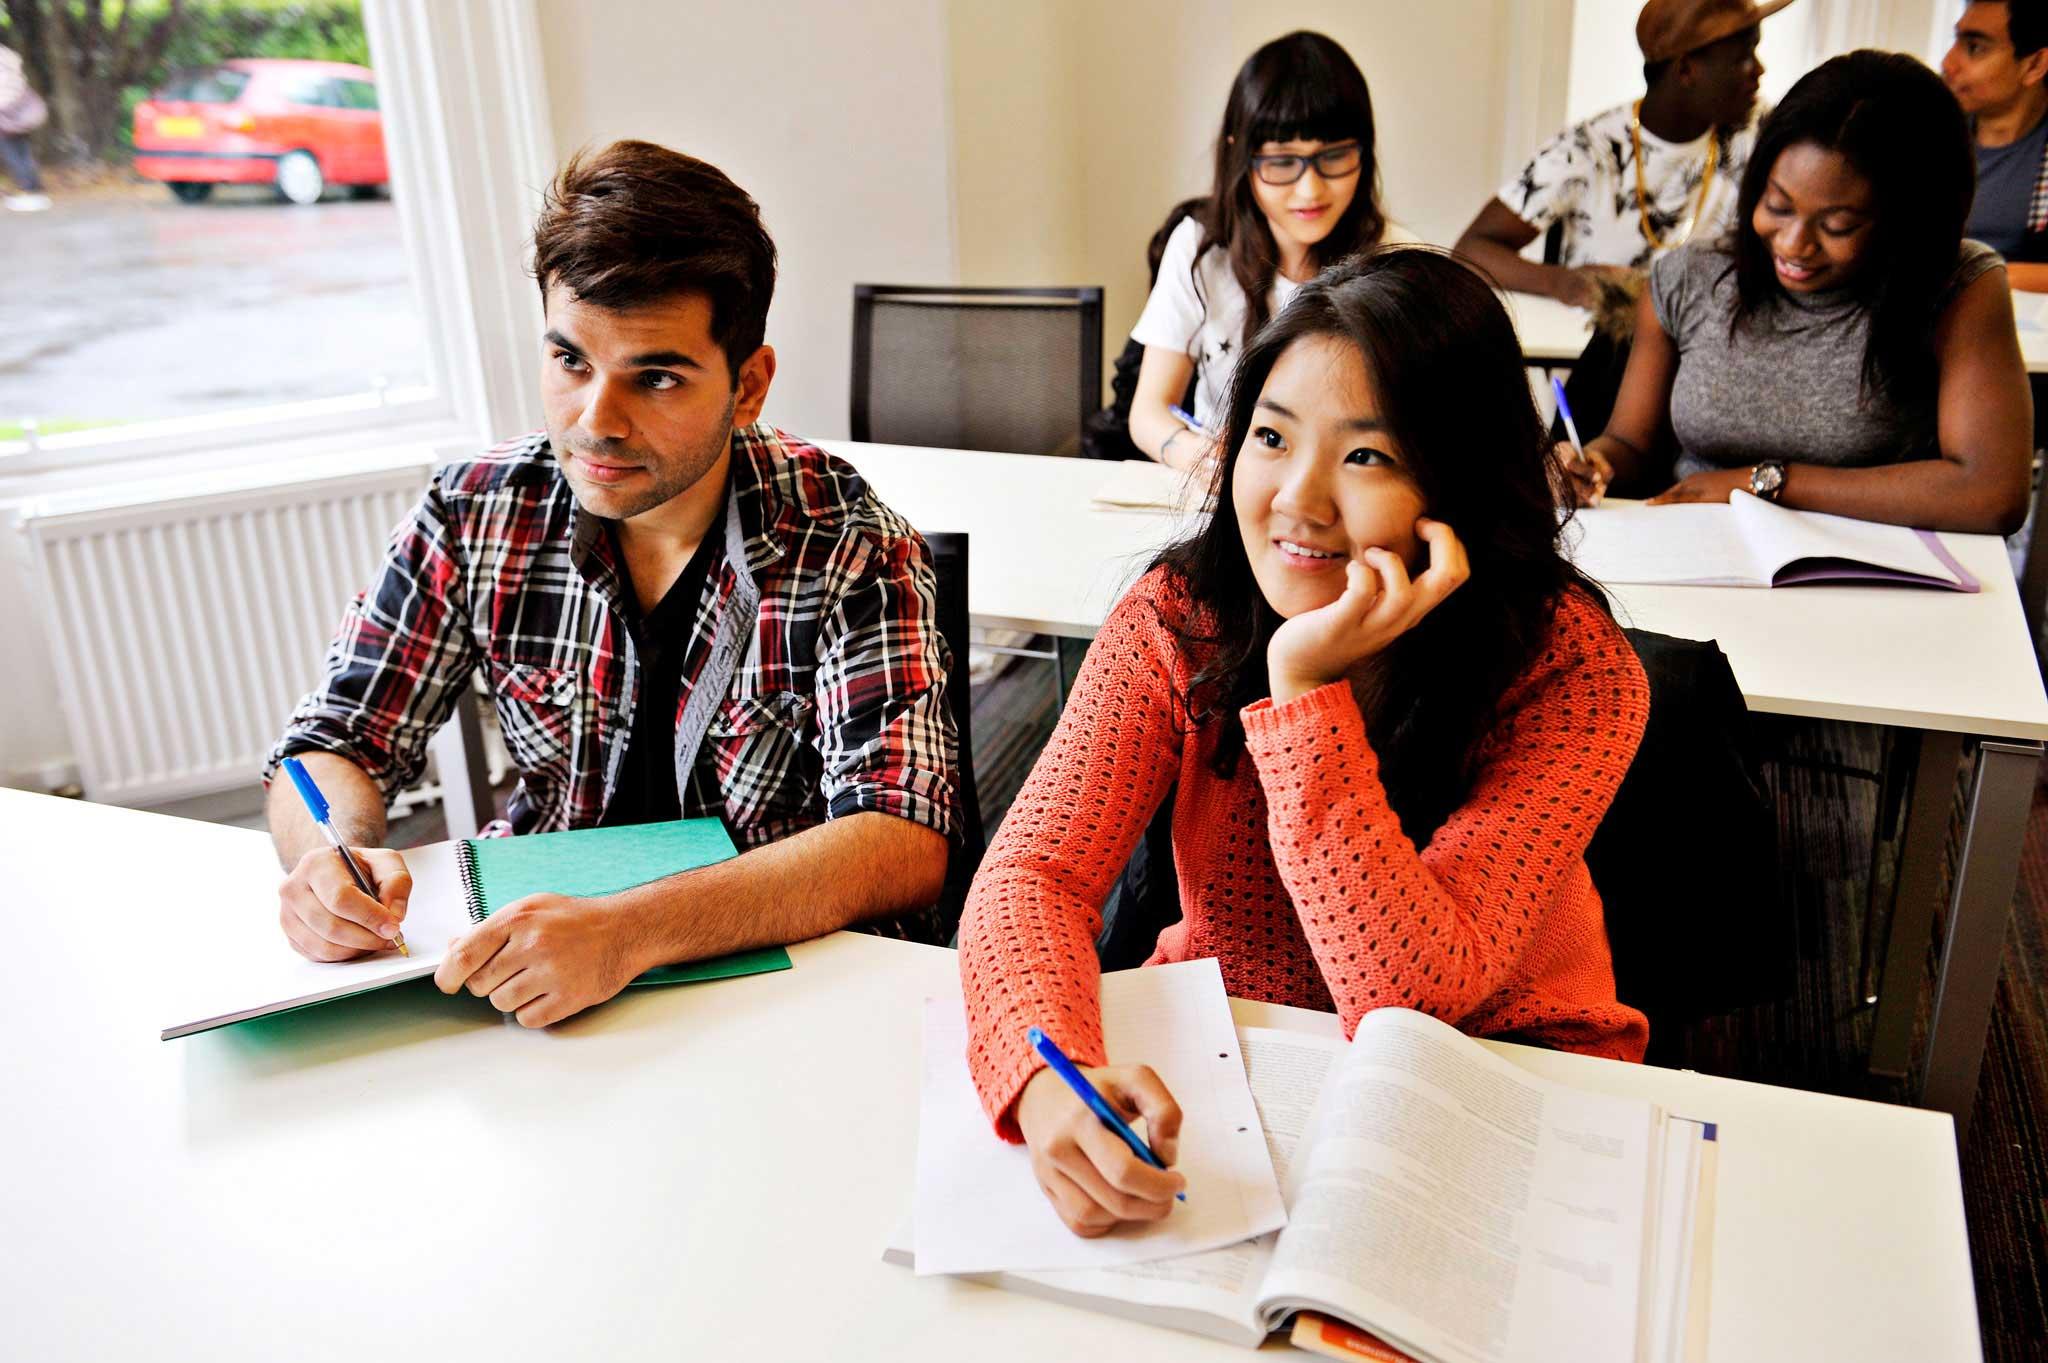 توفر الفصول الدراسية التي تتميز بصغر حجمها بيئة تعلم تعاونية